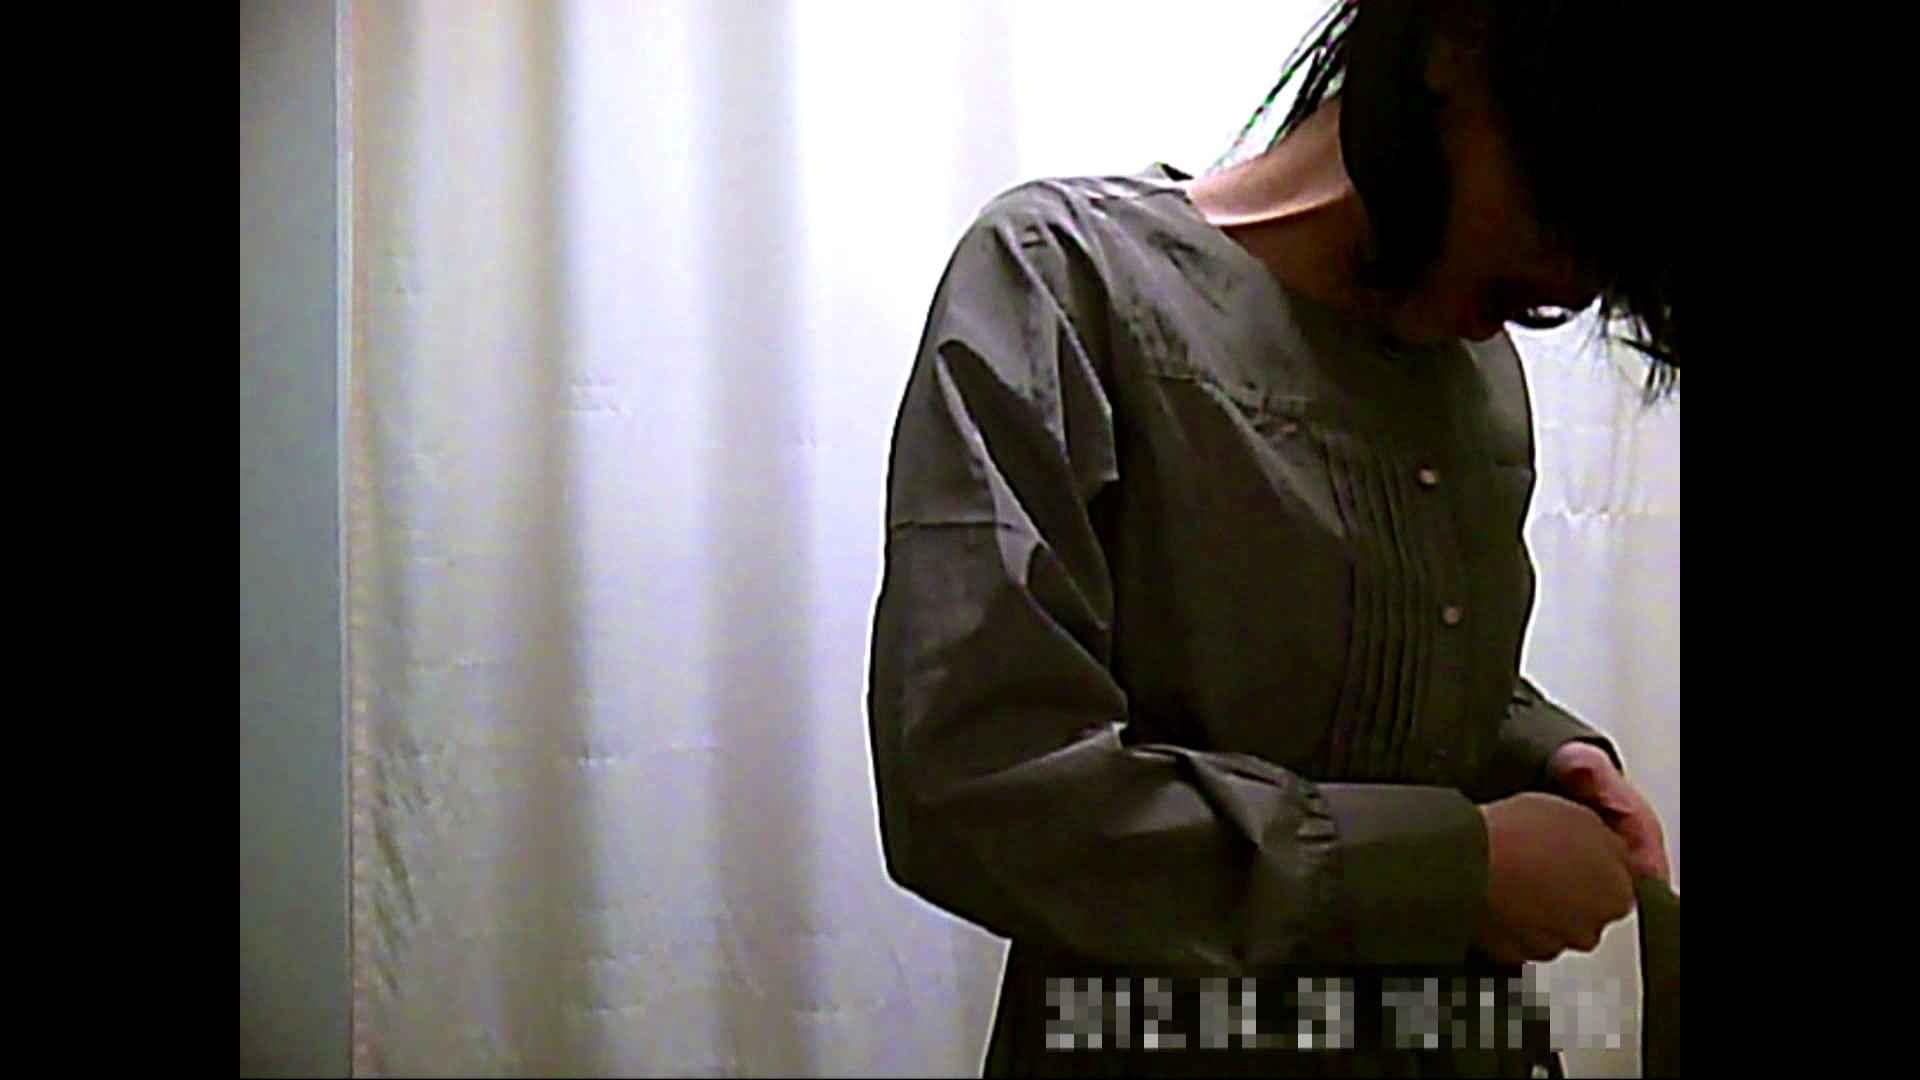 元医者による反抗 更衣室地獄絵巻 vol.004 OLの実態  37pic 34